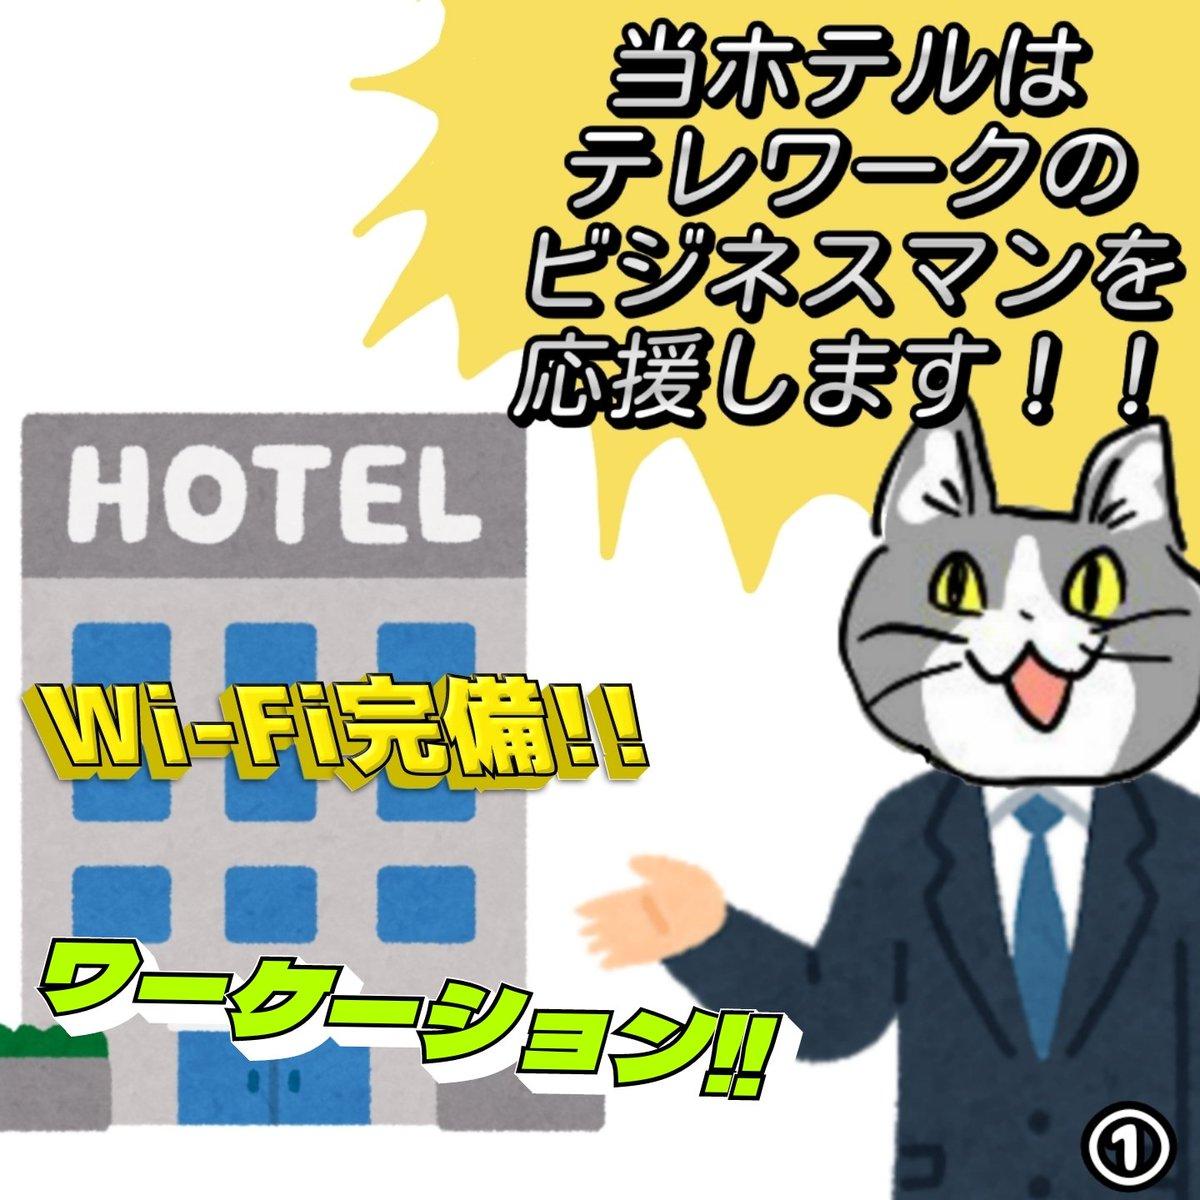 テレワークのビジネスマンを応援しているホテルだけど?ネット回線がクソすぎる!